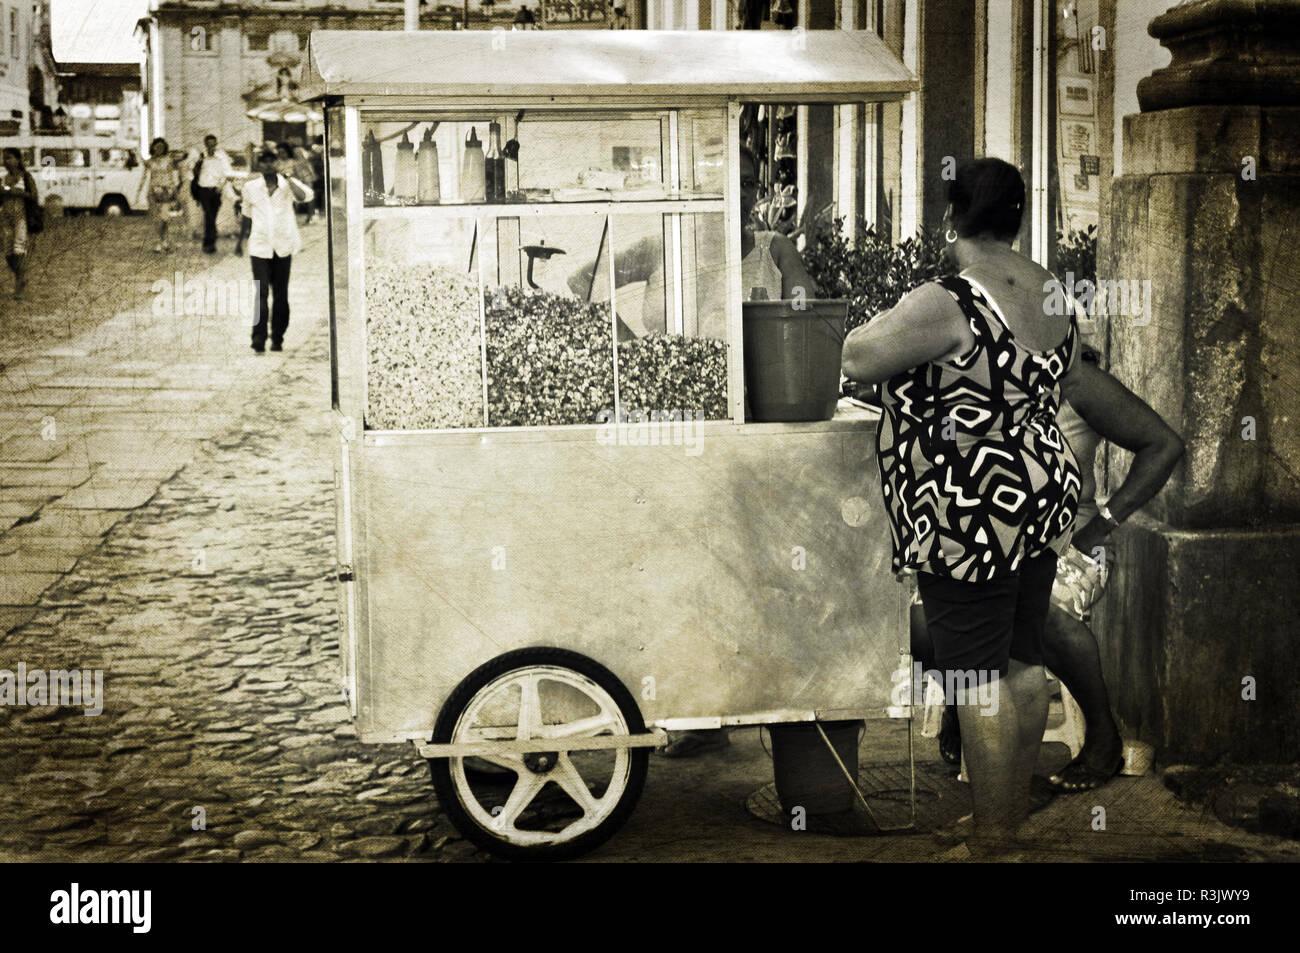 Straßenhandel, Salvaedor da Bahia, Brasilien - Stock Image